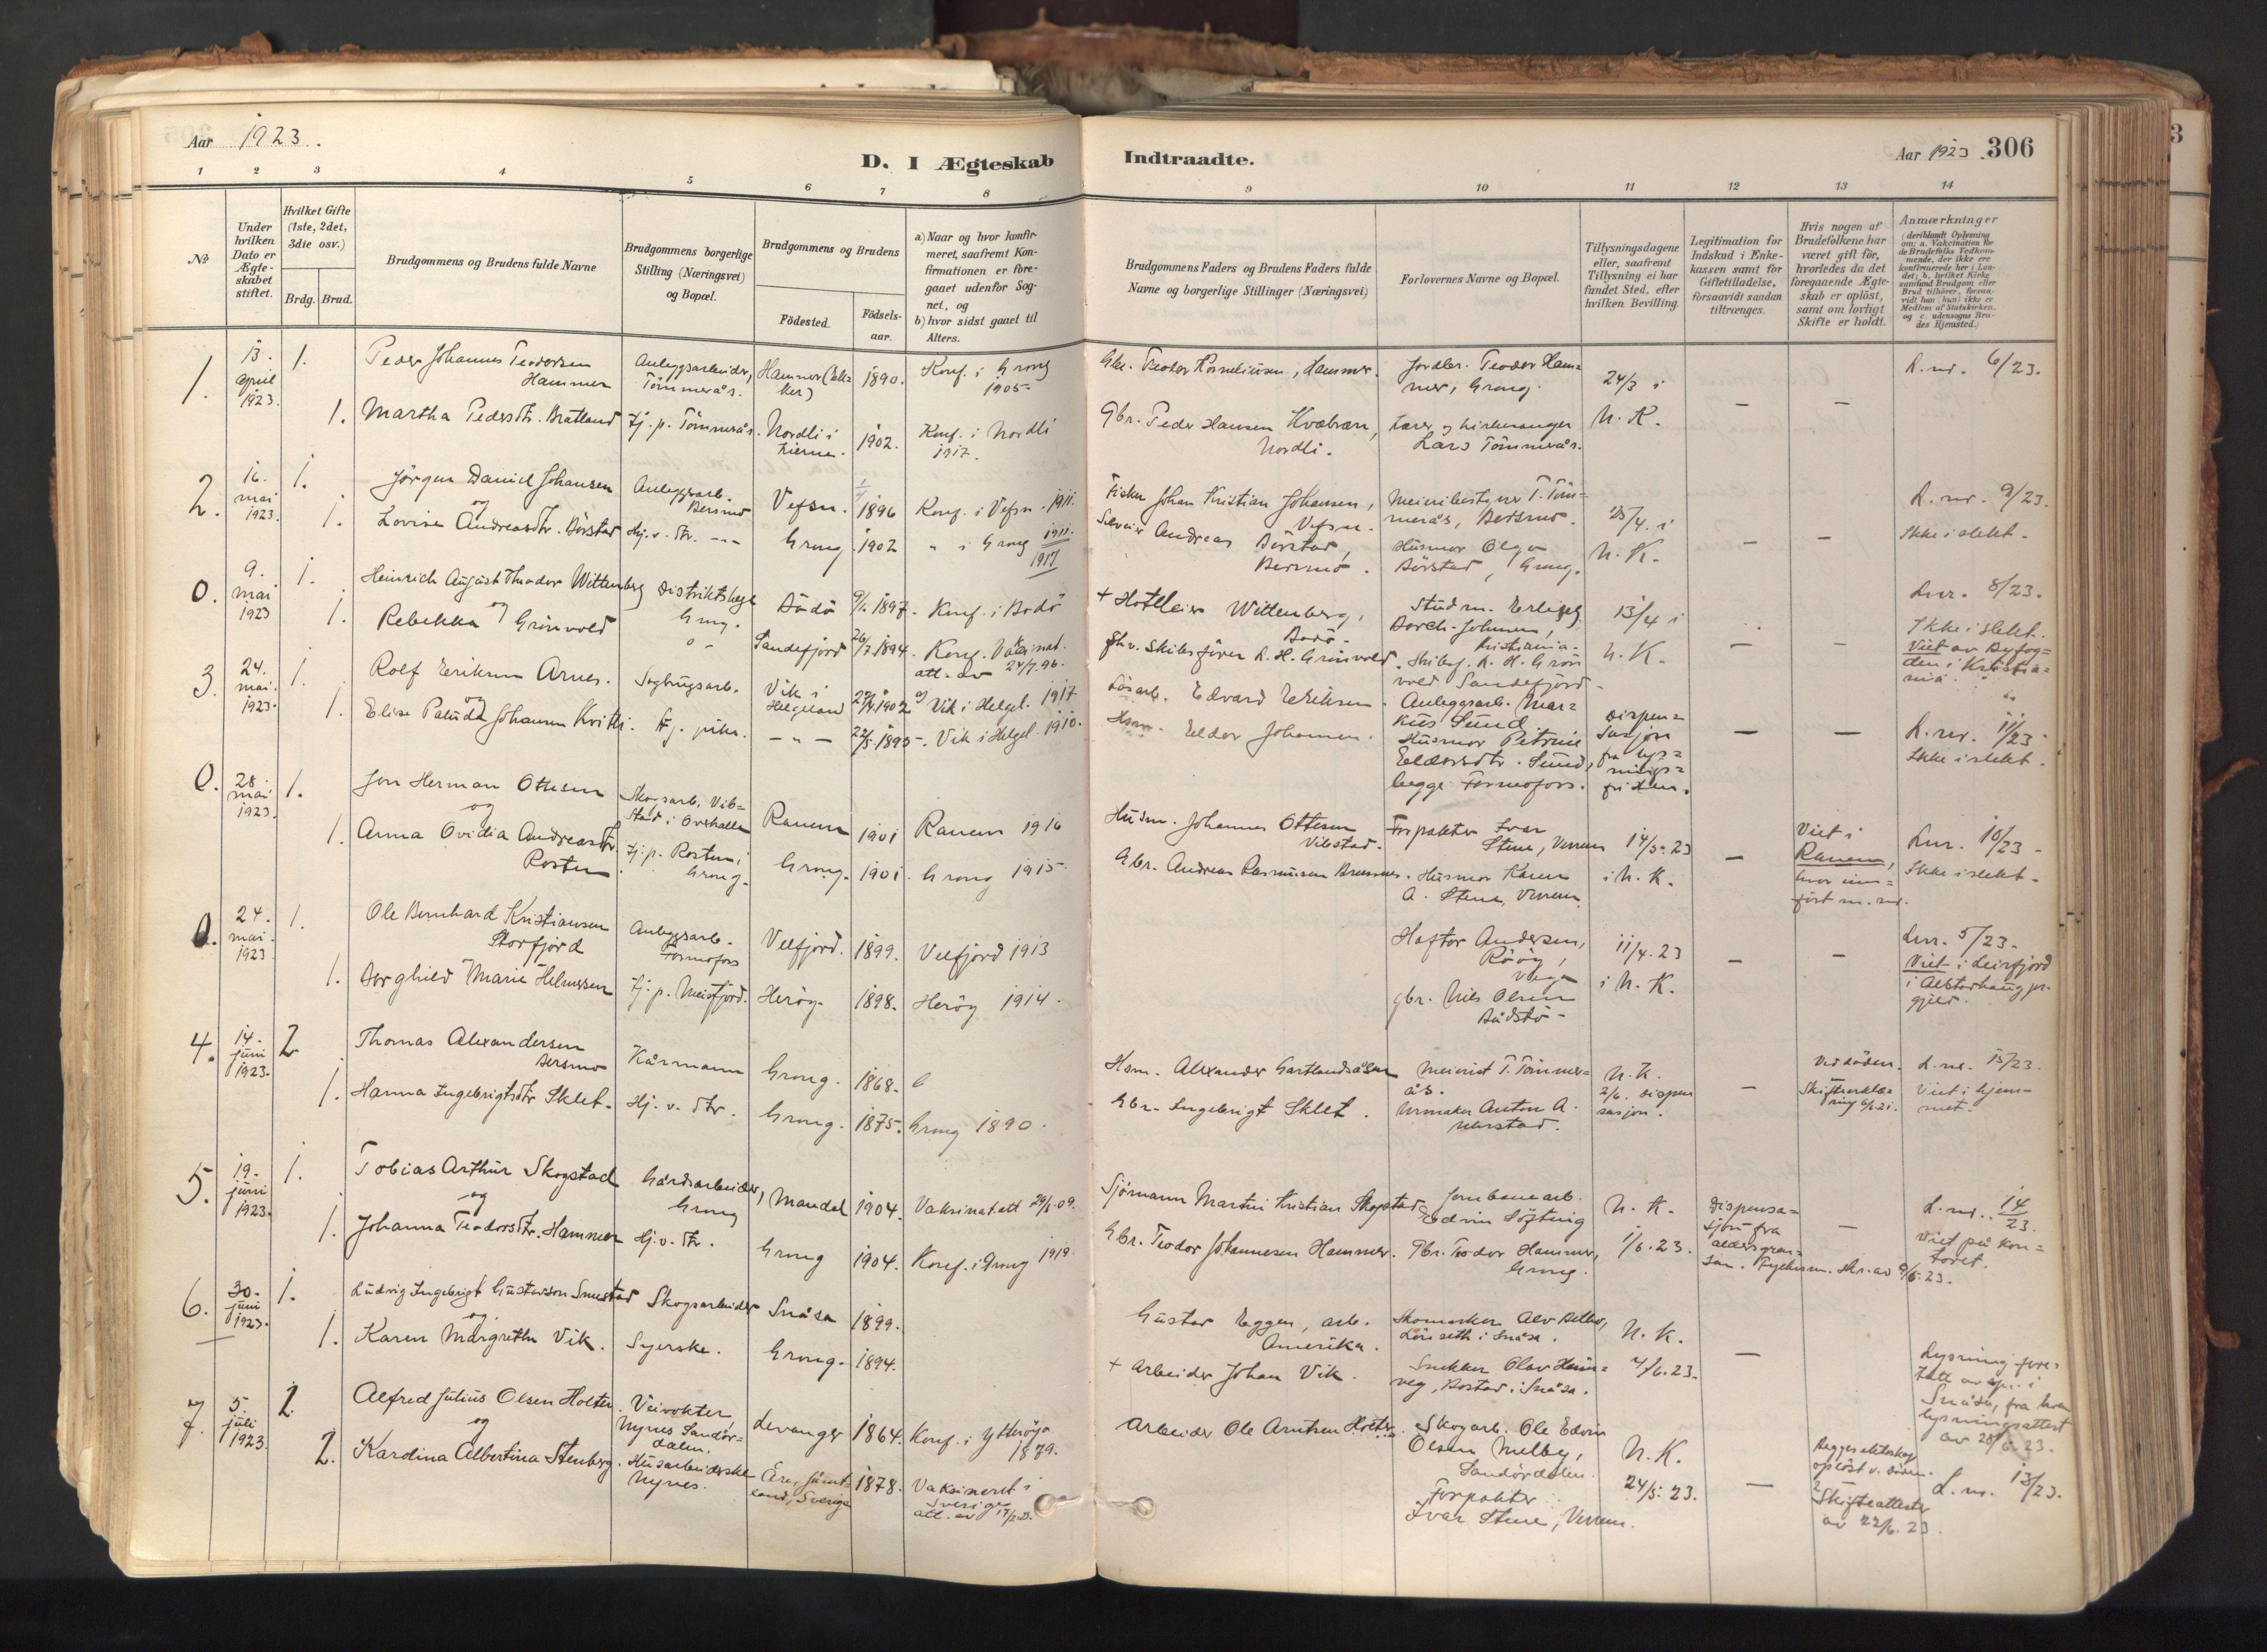 SAT, Ministerialprotokoller, klokkerbøker og fødselsregistre - Nord-Trøndelag, 758/L0519: Ministerialbok nr. 758A04, 1880-1926, s. 306